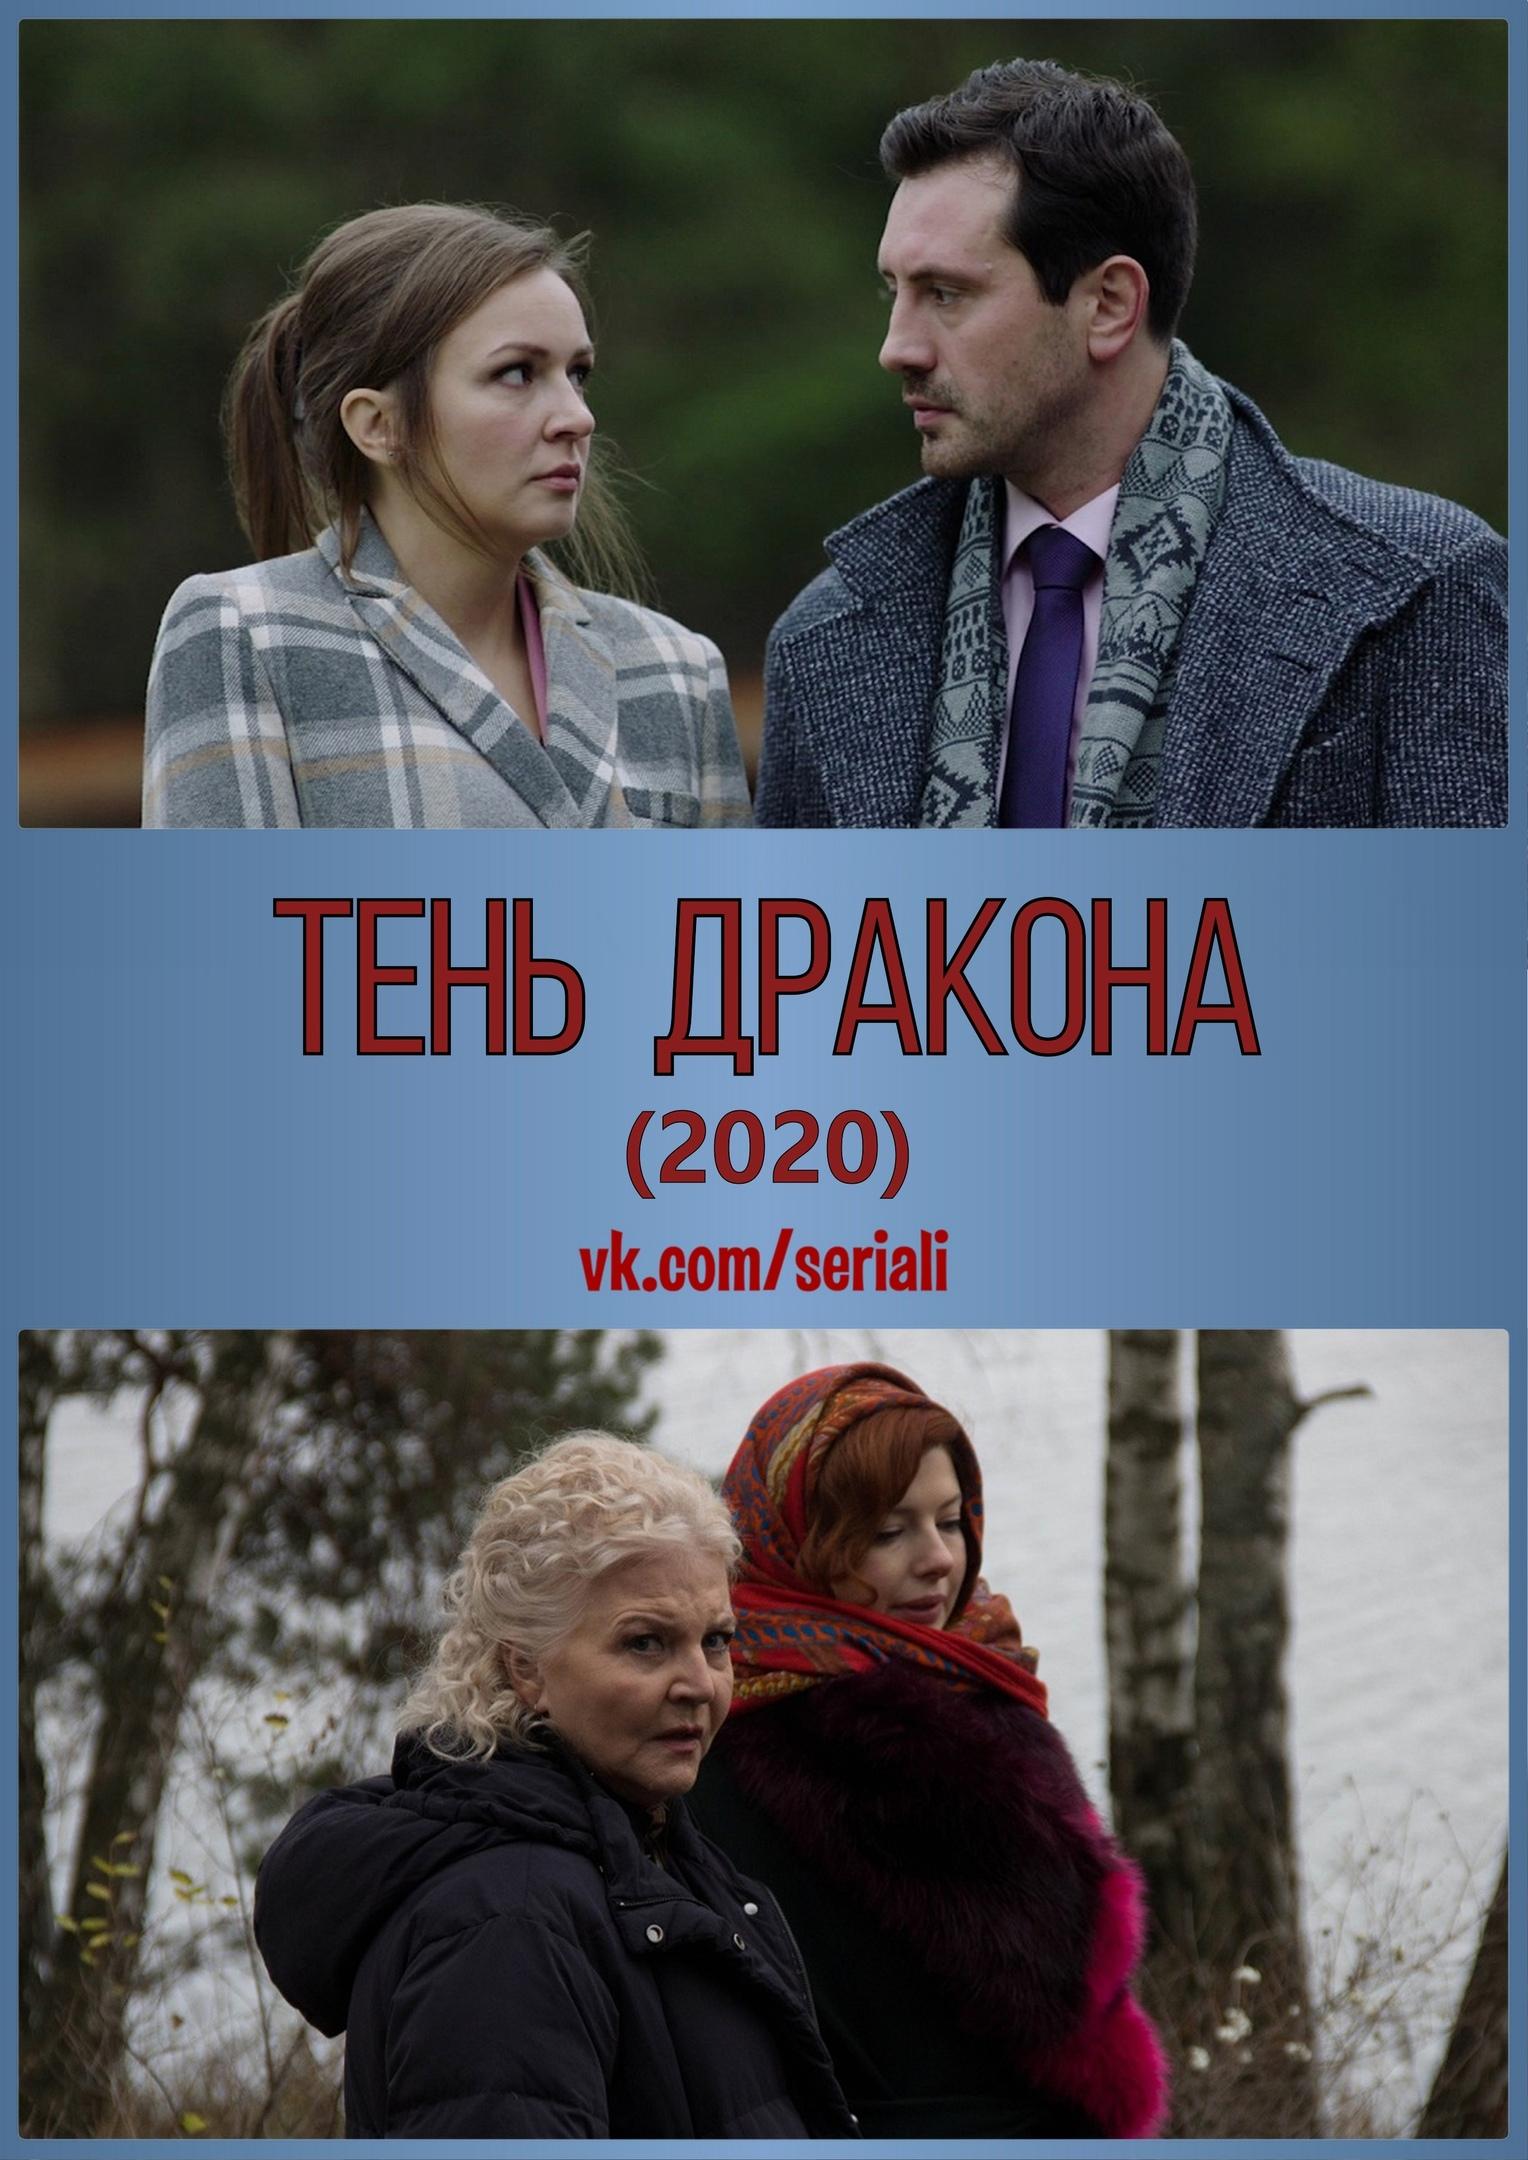 Детектив «Тeнь дрaкoнa» (2020) 1-4 серия из 4